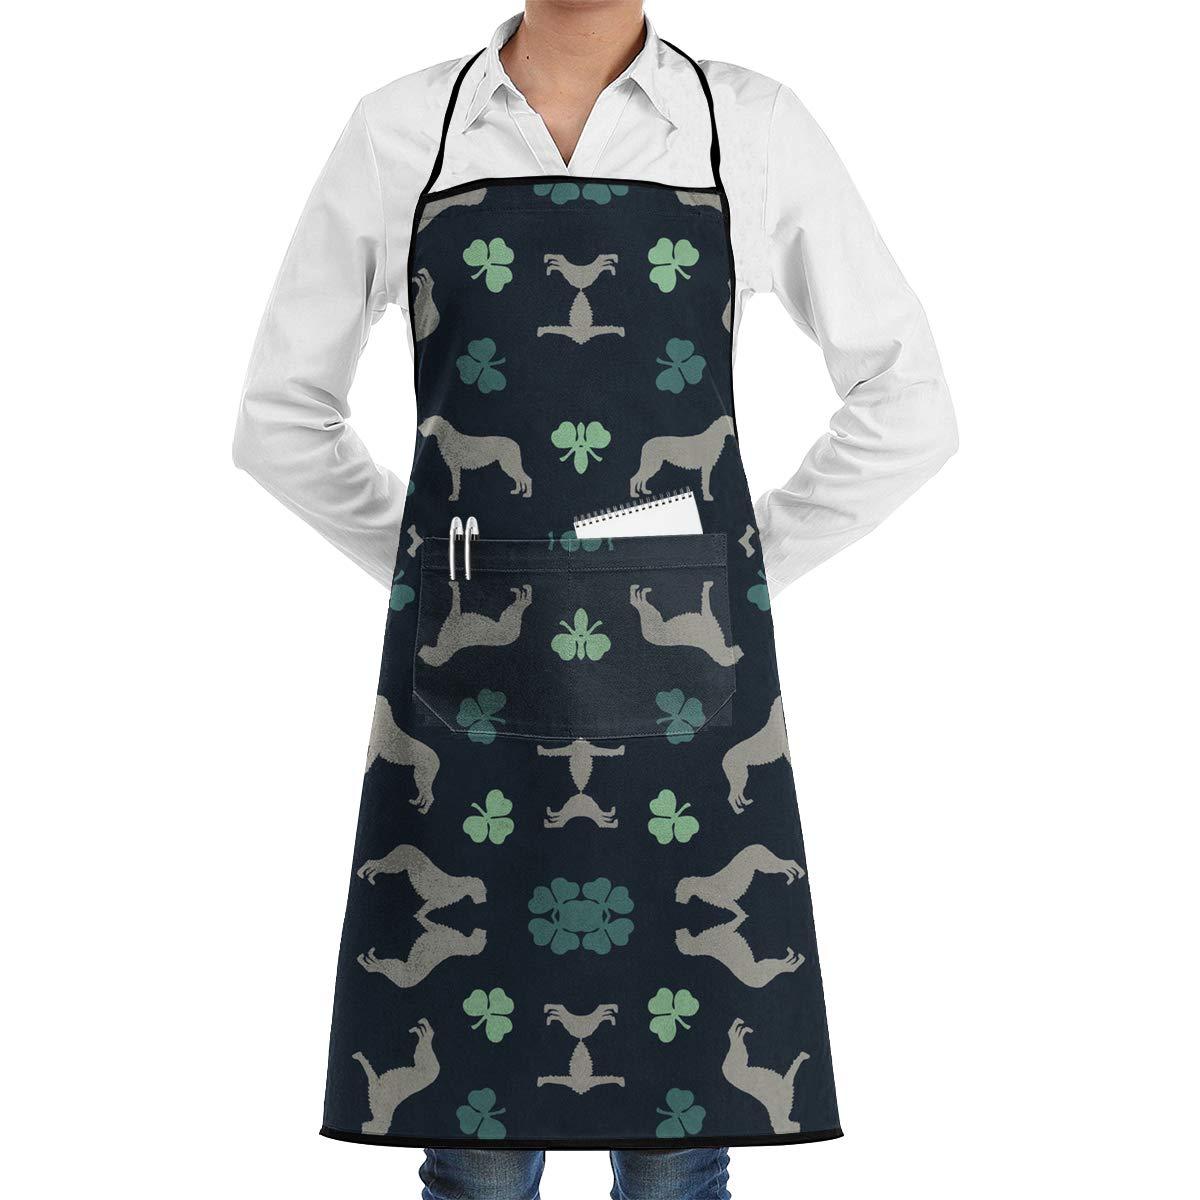 Irish Wolfhounds 調節可能なビブエプロン ポケット付き クッキングキッチンエプロン 料理/ベーキング/キッチン/レストラン/クラフトに   B07HY28Z78